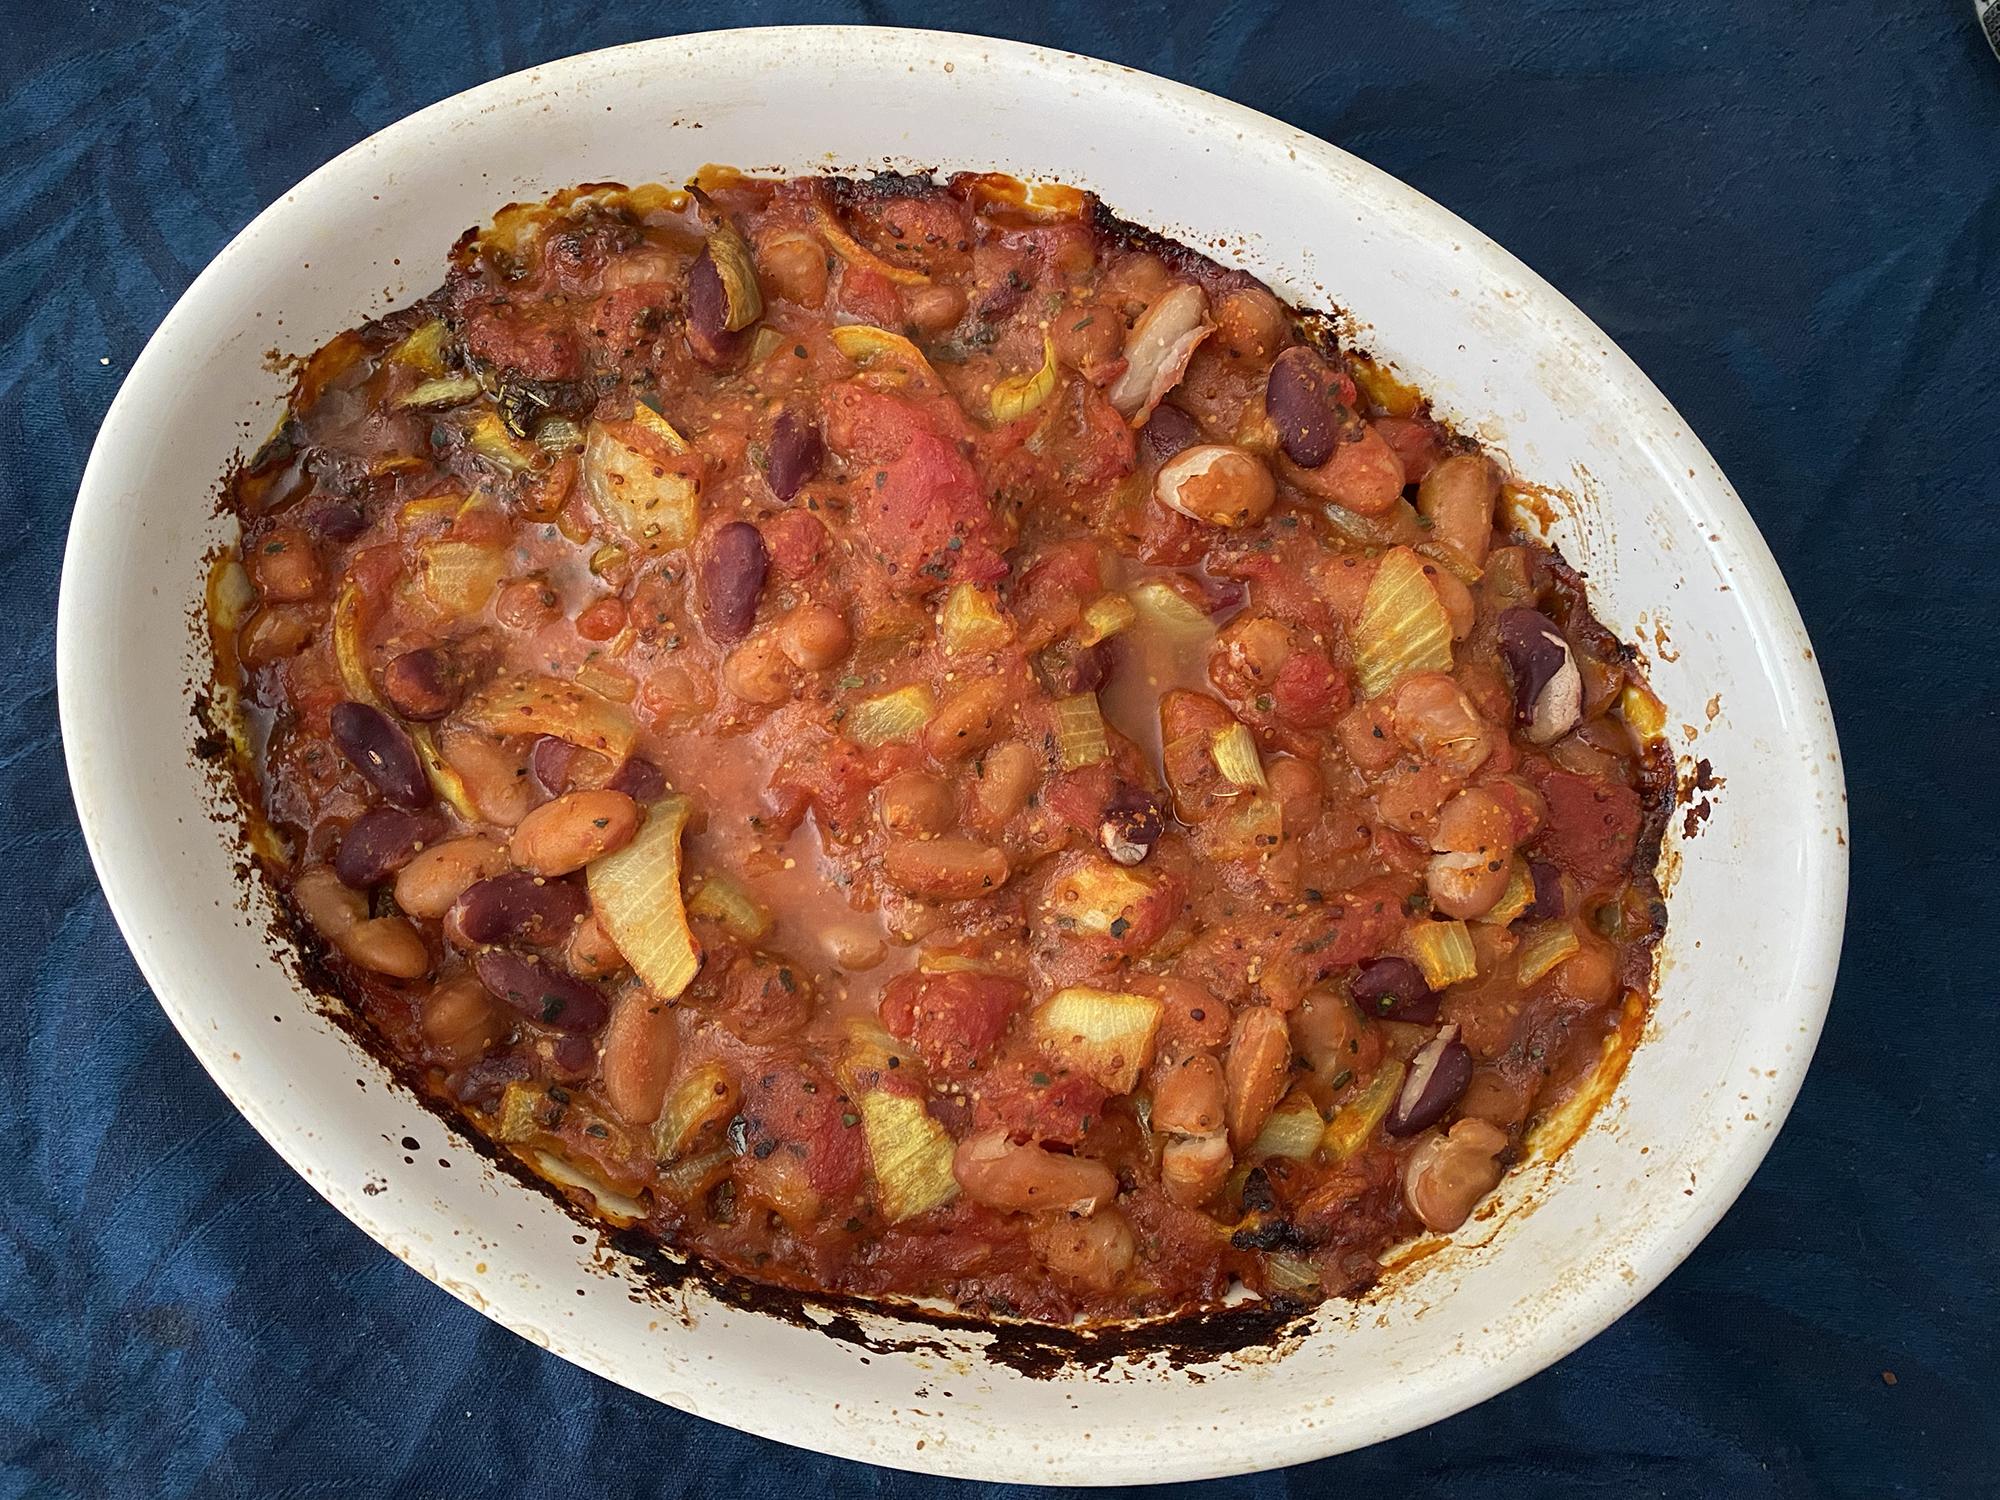 vegan baked beans to eat for breakfast, lunch or dinner